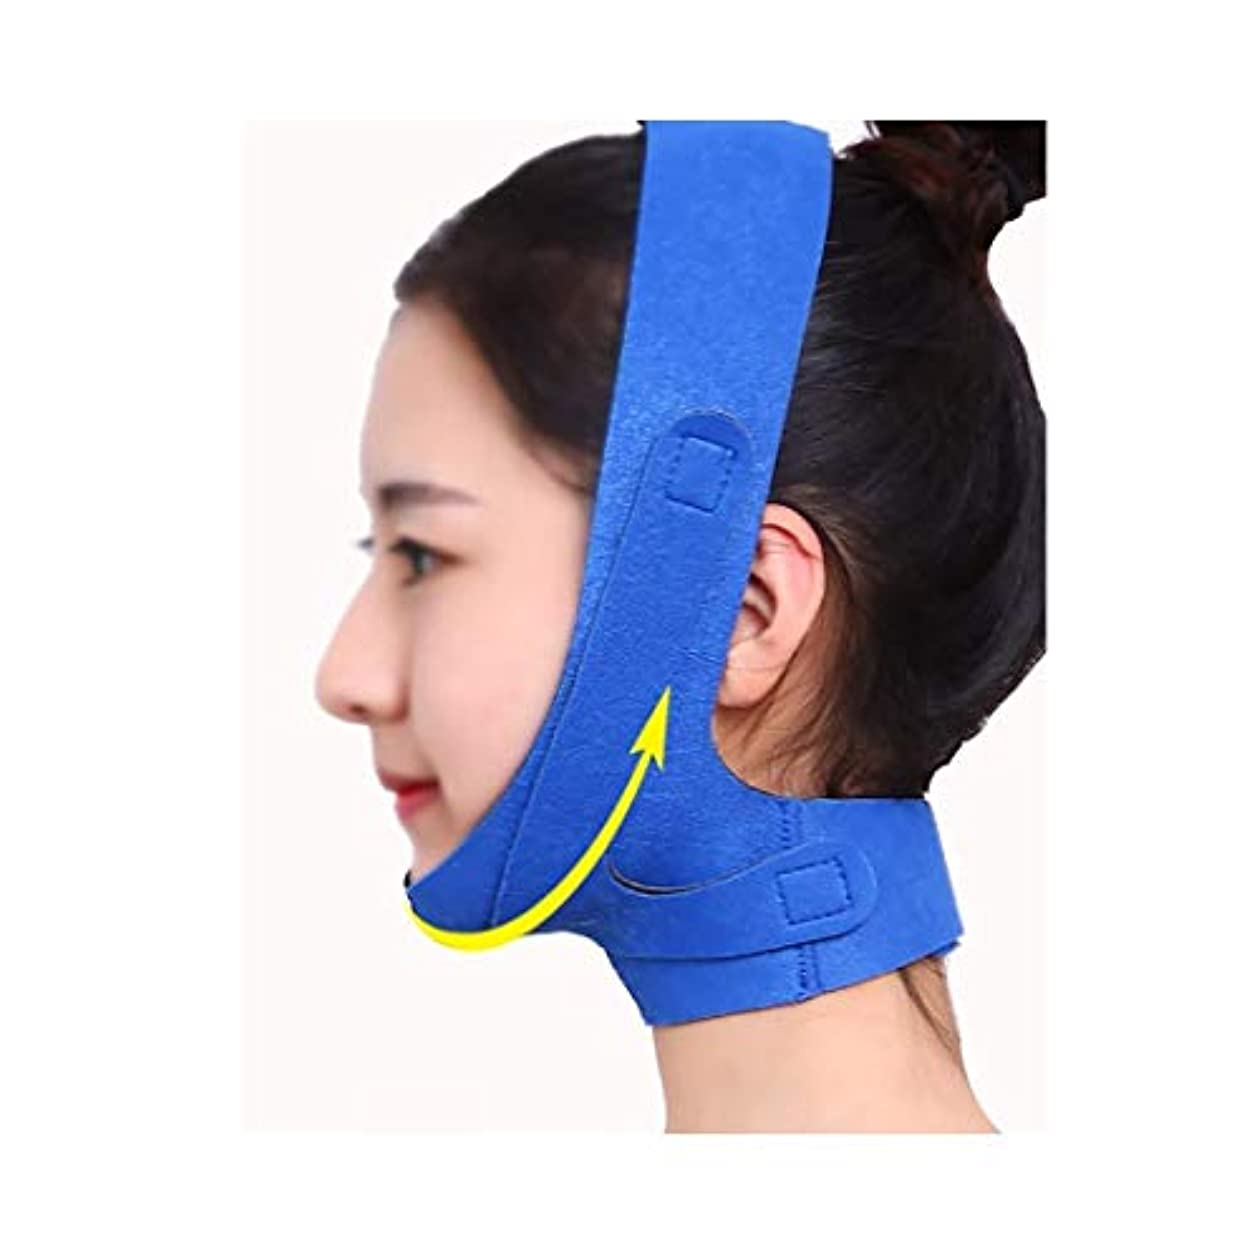 フェイスリフトマスク、あごストラップ回復包帯睡眠薄いフェイスバンデージ薄いフェイスマスクフェイスリフトアーティファクトフェイスリフト美容マスク包帯青いフェイスマスクで小さなV顔を強化するには